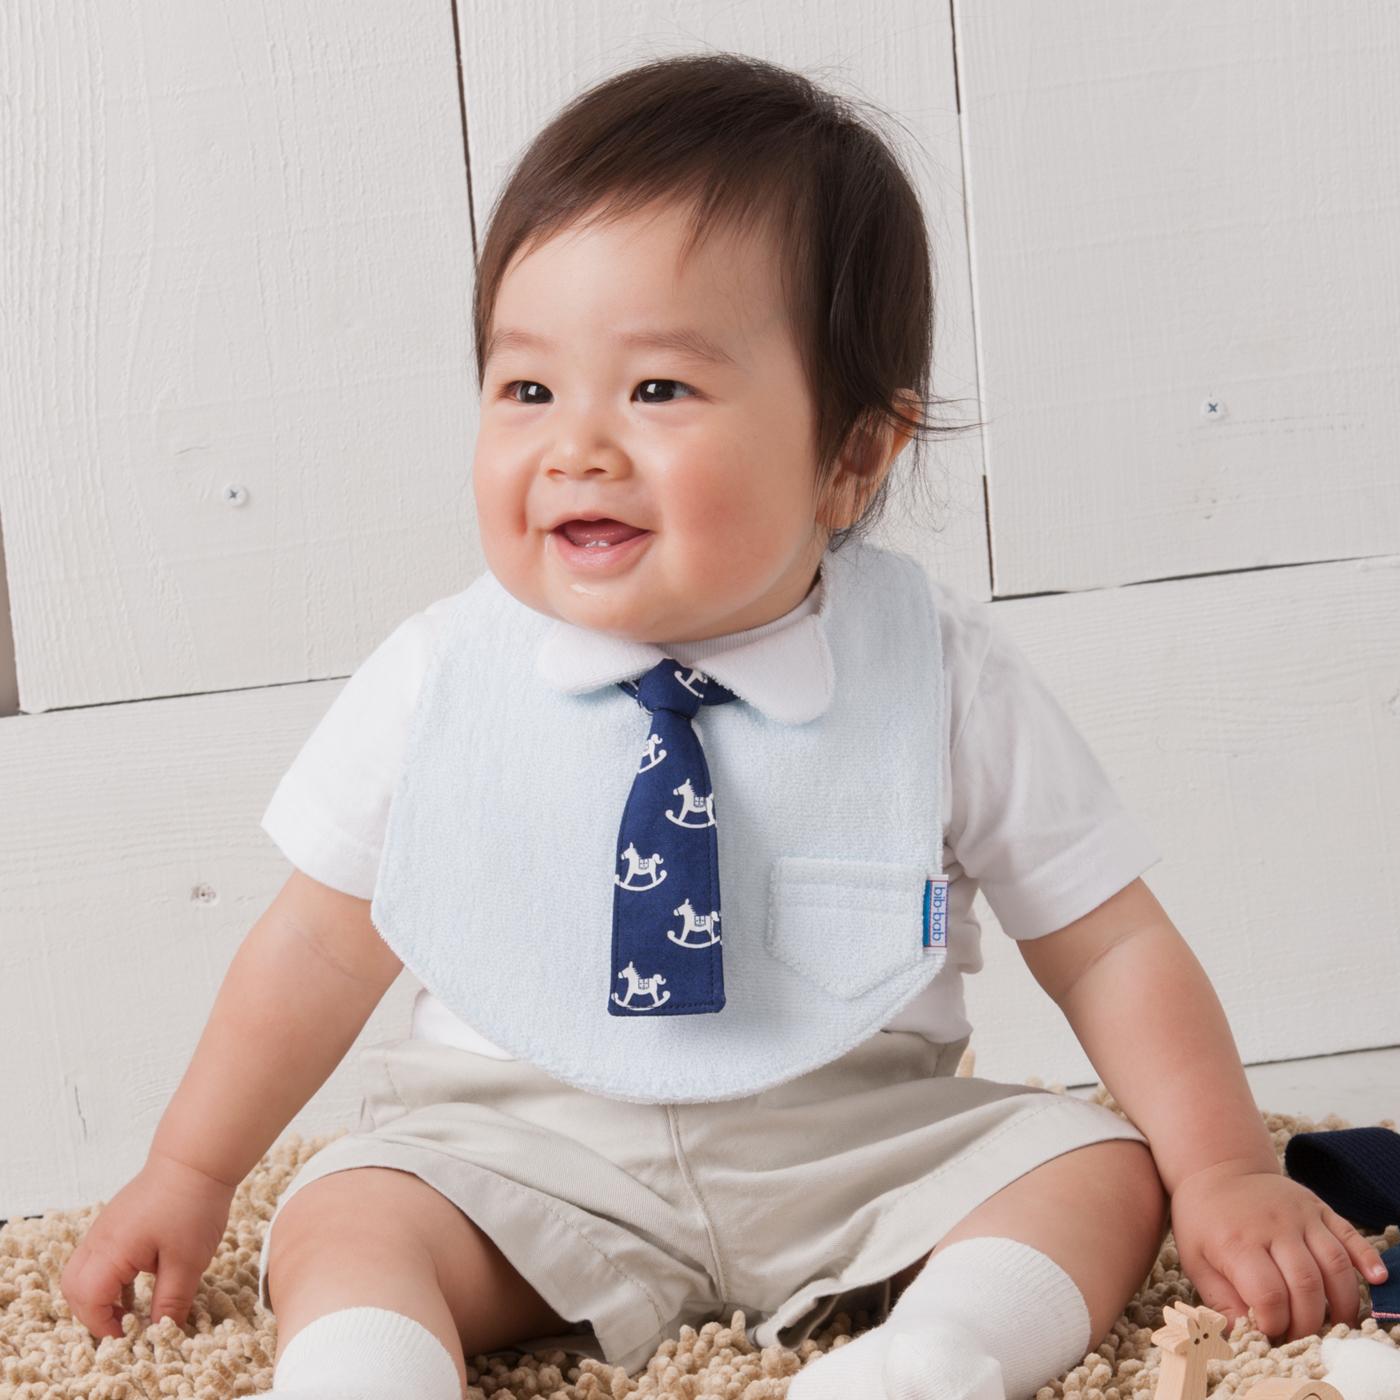 フェリシモ これ一着でお出かけ着に! シャツスタイ(タオルブルー)とネクタイ着せ替えセット